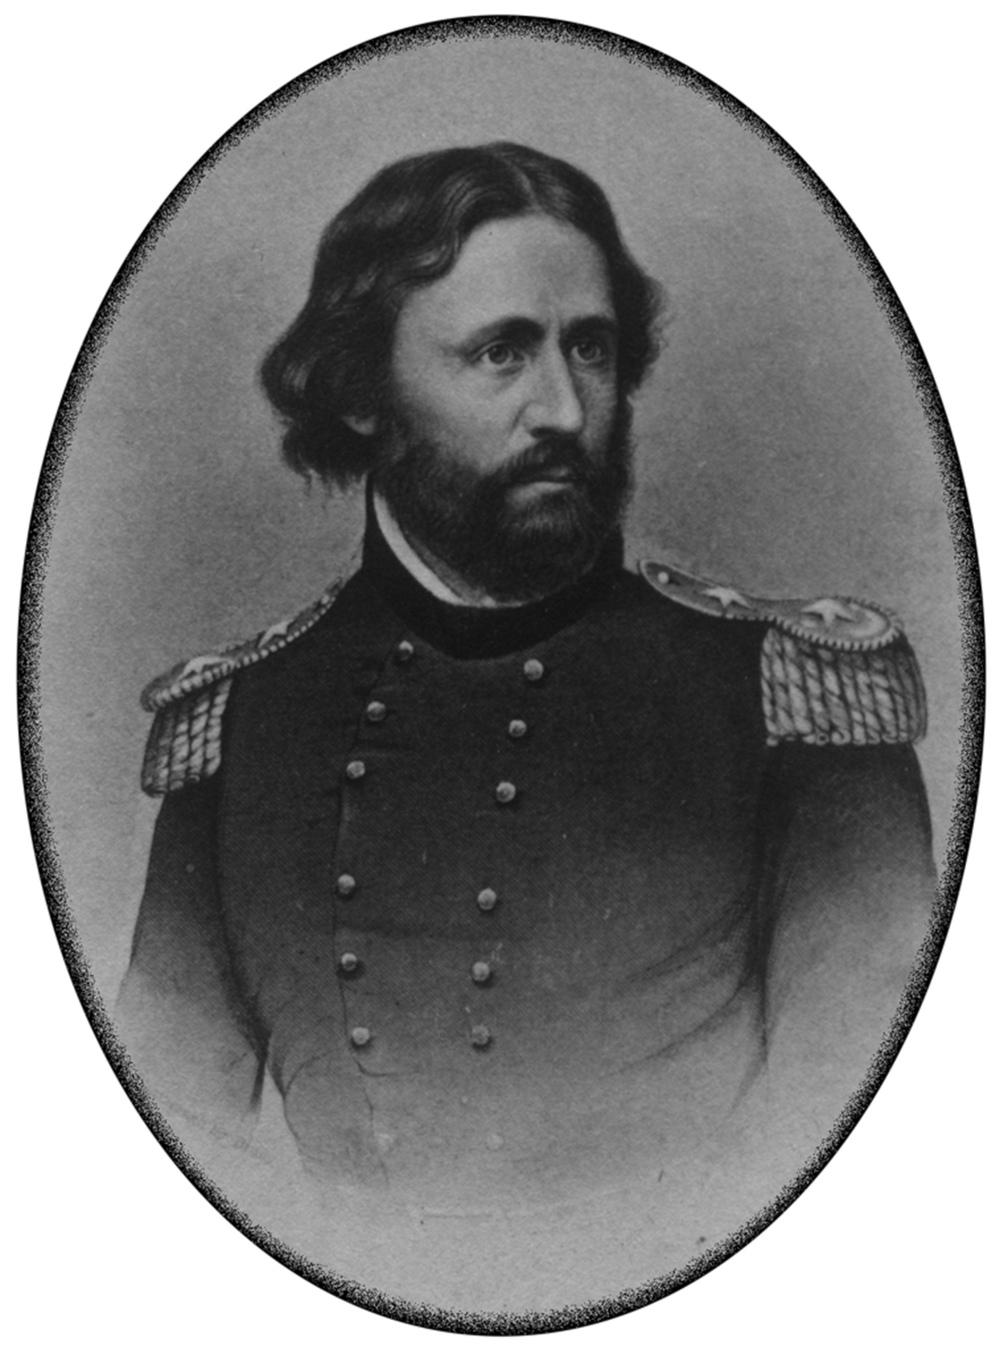 Col. John C. Frémont